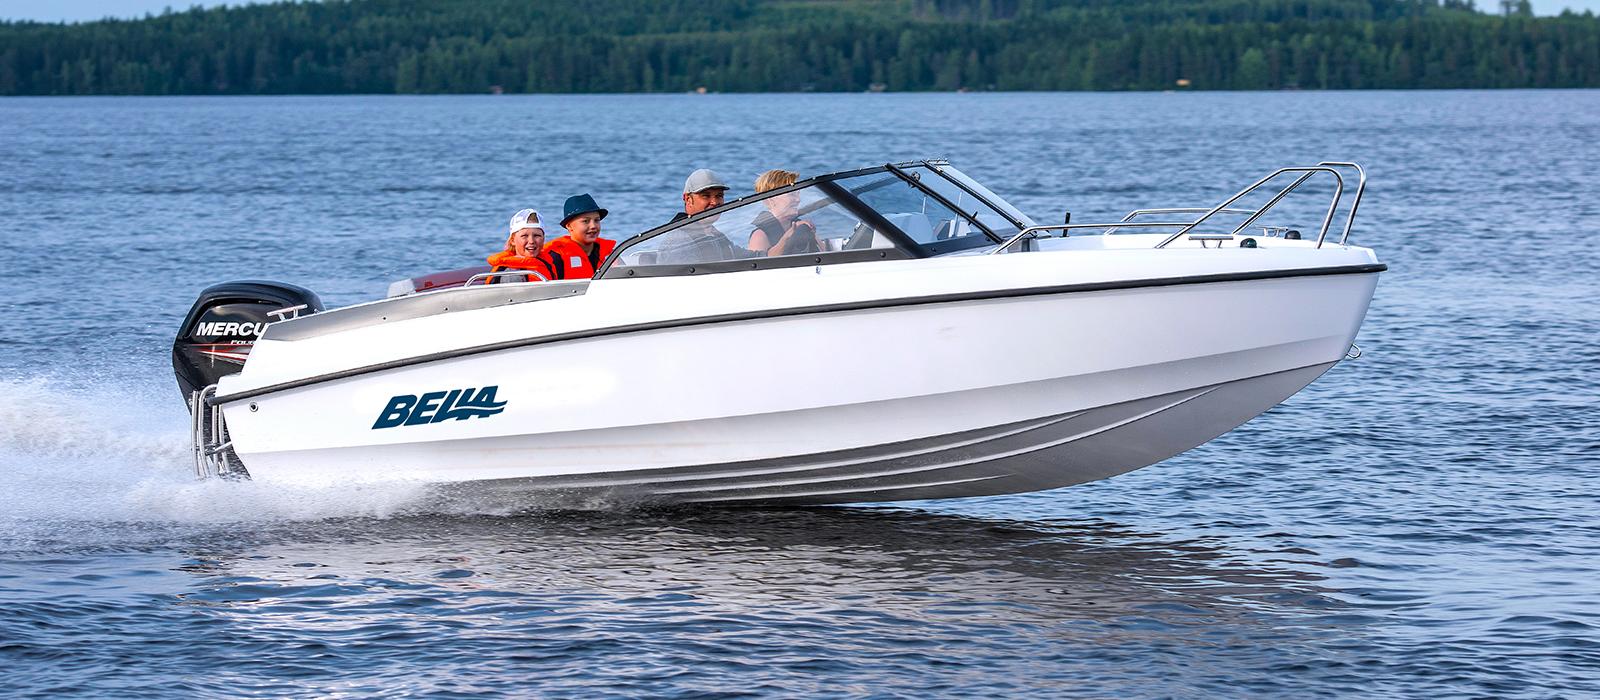 Bella 550 BR hos Flipper Marin